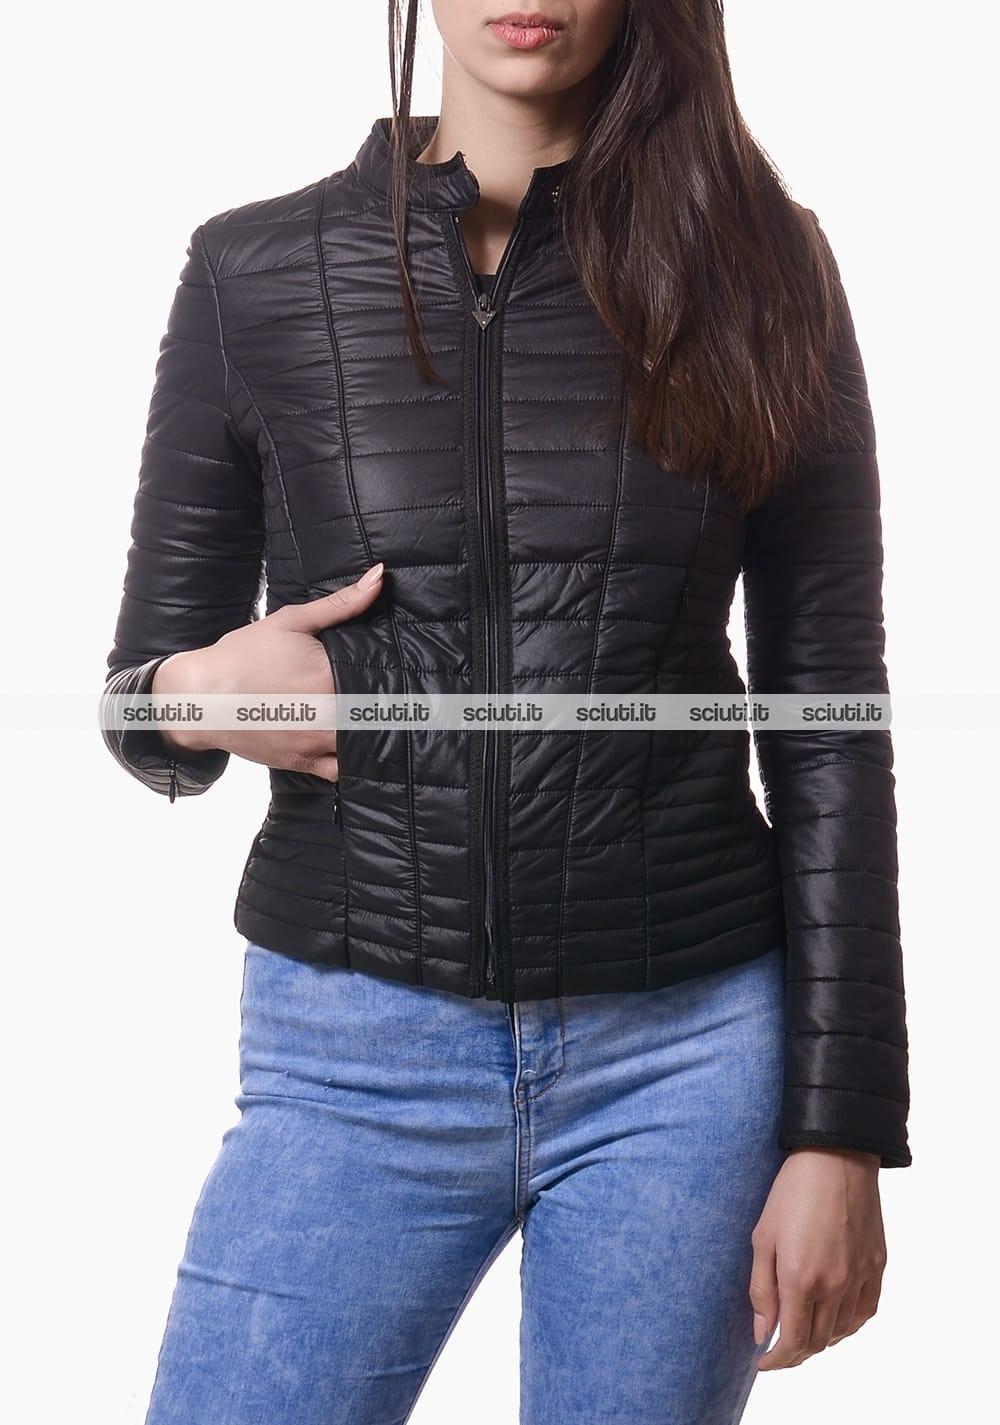 sale retailer 2ea59 d2444 Piumino Guess donna trapuntato nero | Sciuti.it